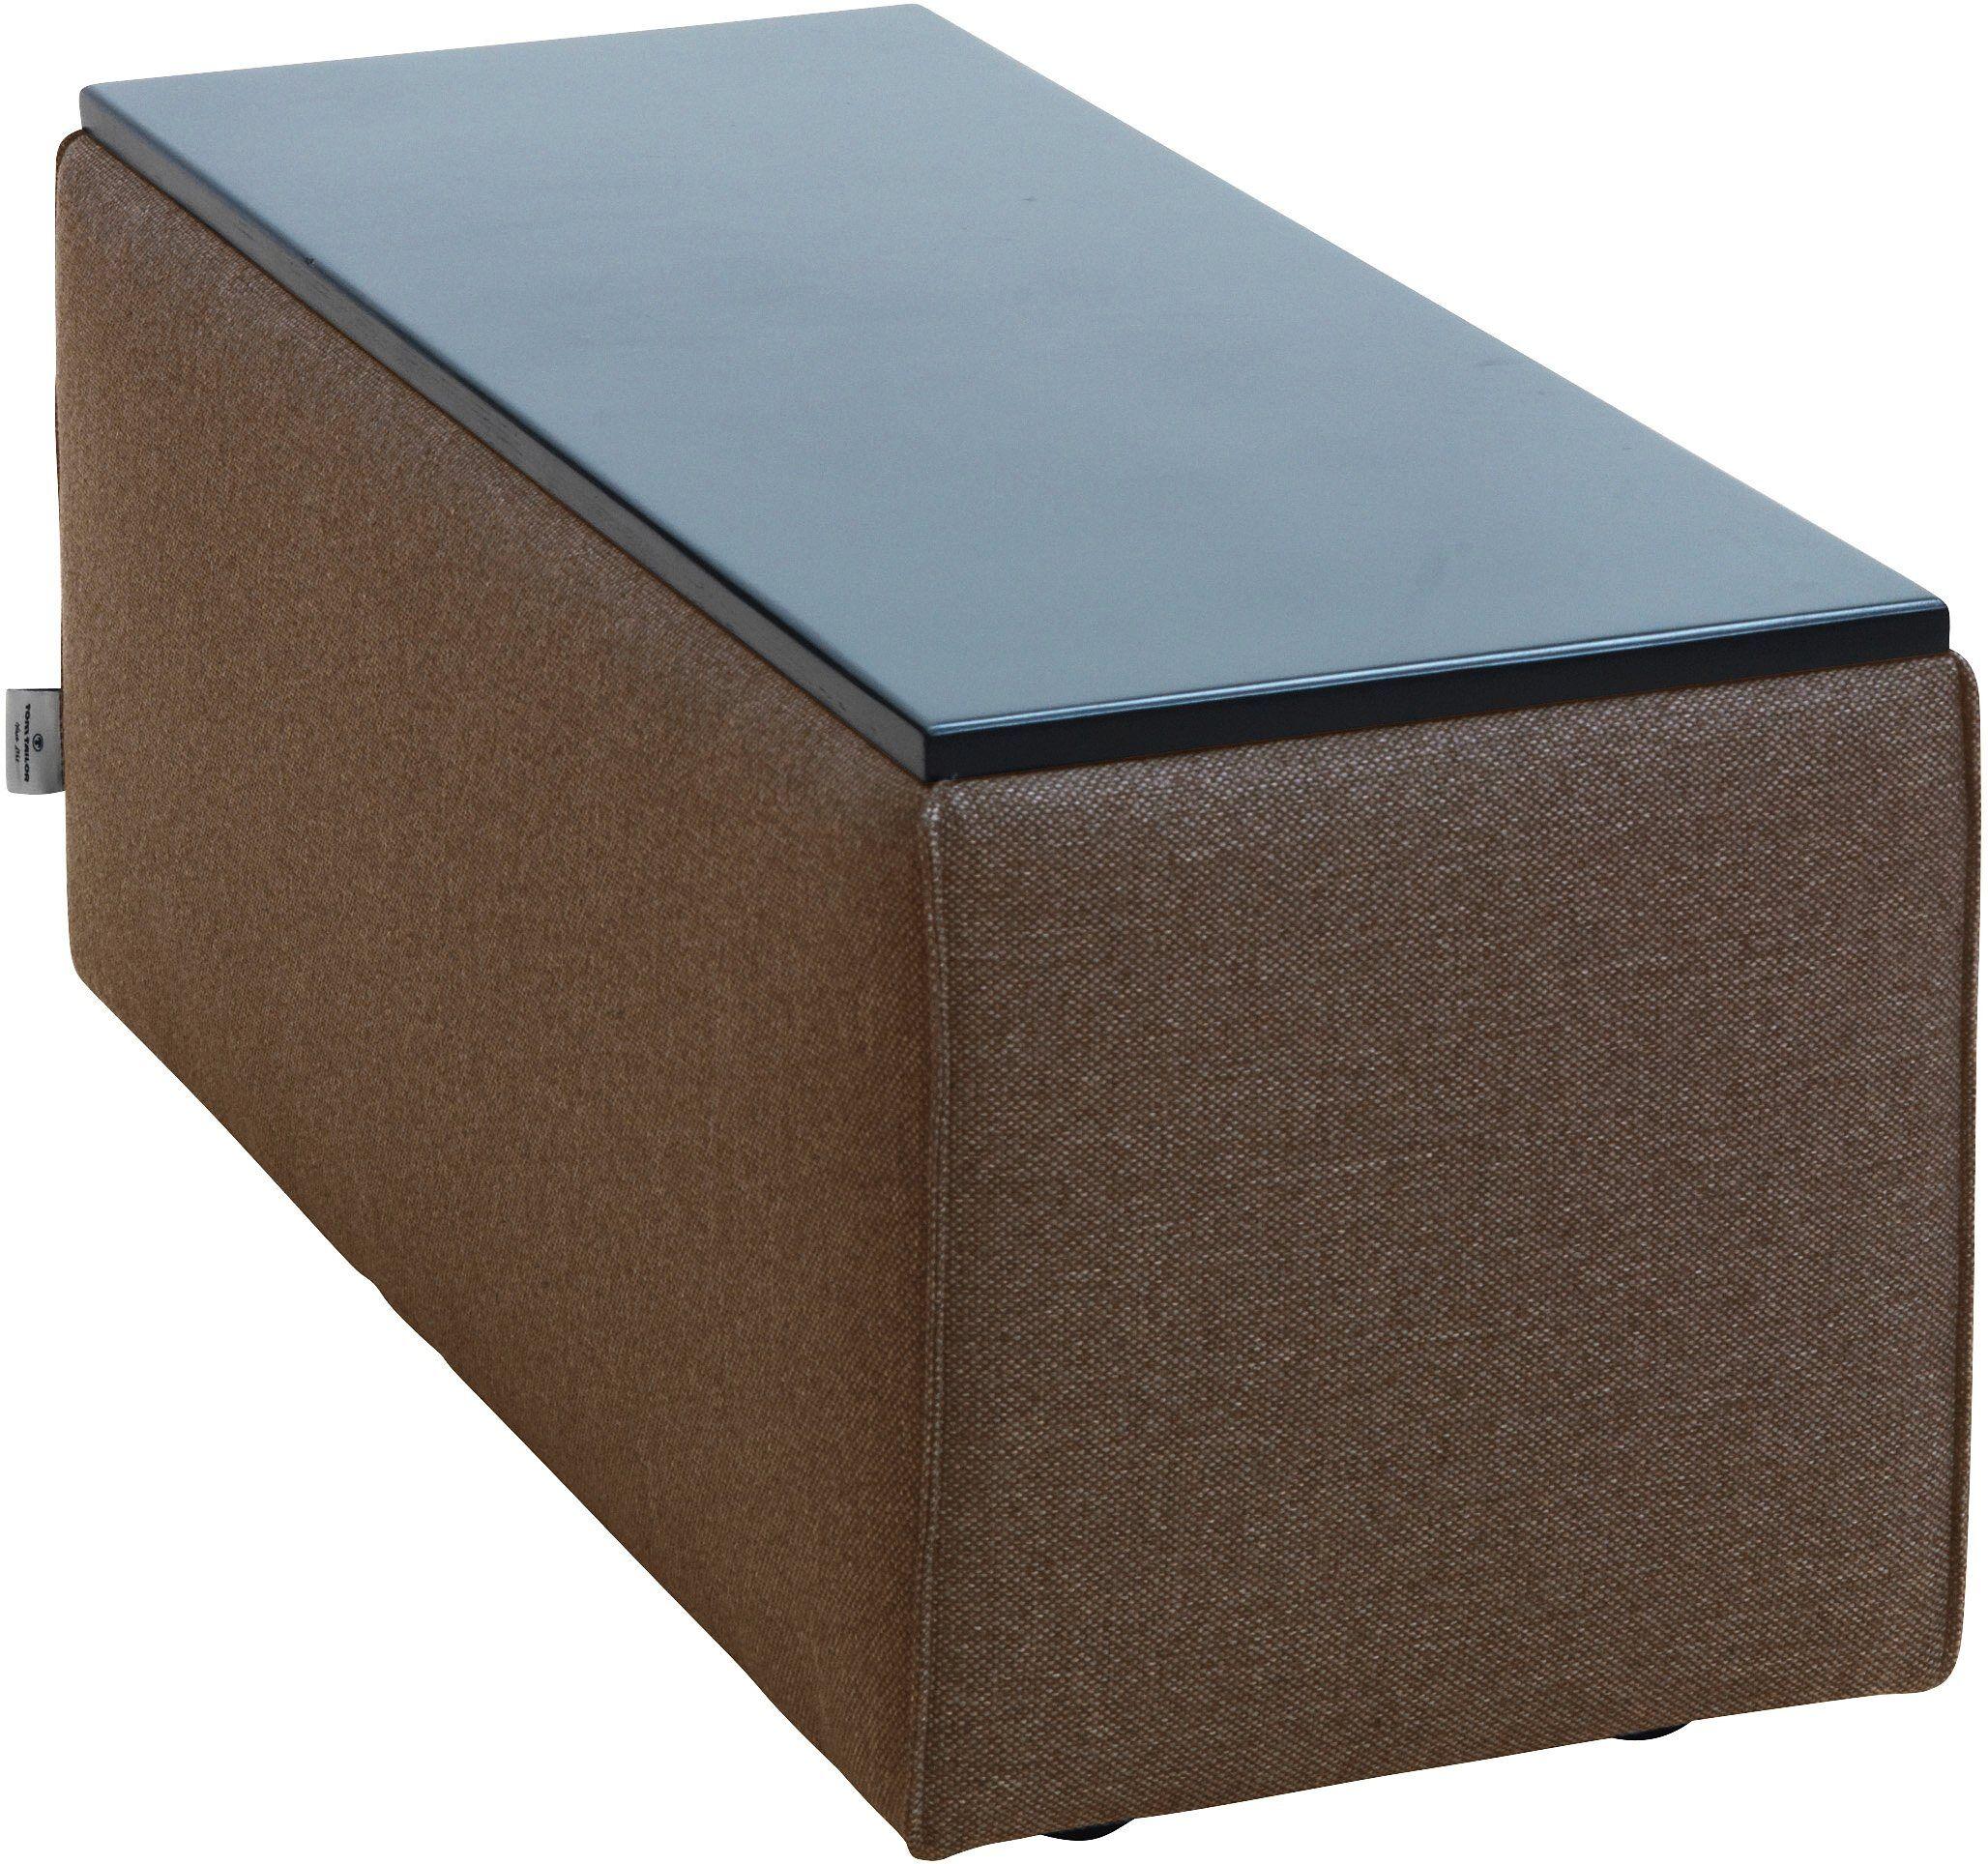 TOM TAILOR Tischelement »ELEMENTS«, Tischplatte schwarz, als Couchtisch oder Sofaelement einsetzbar, coconut brown TBO 12